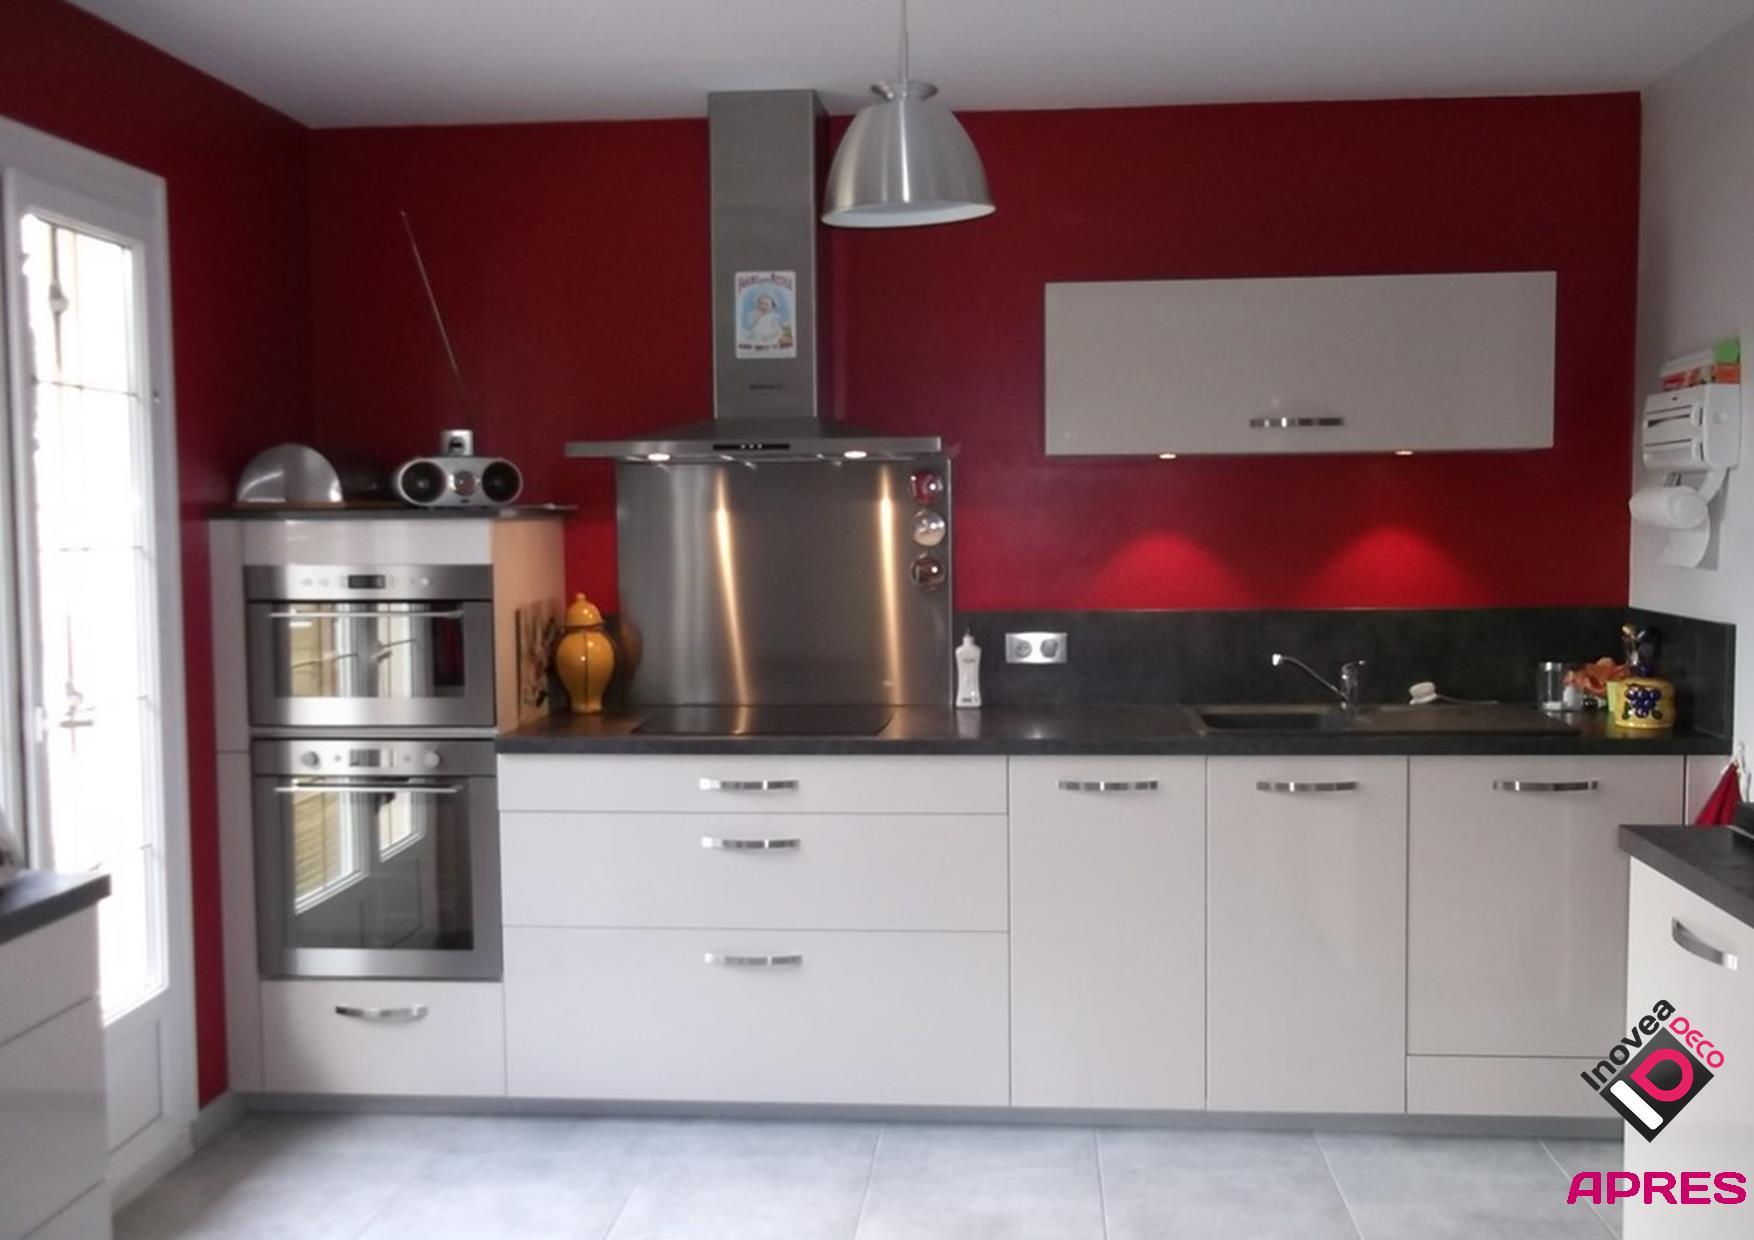 Inoveadeco Decoration Et Amenagement Cuisine Et Sejour Quetigny 21